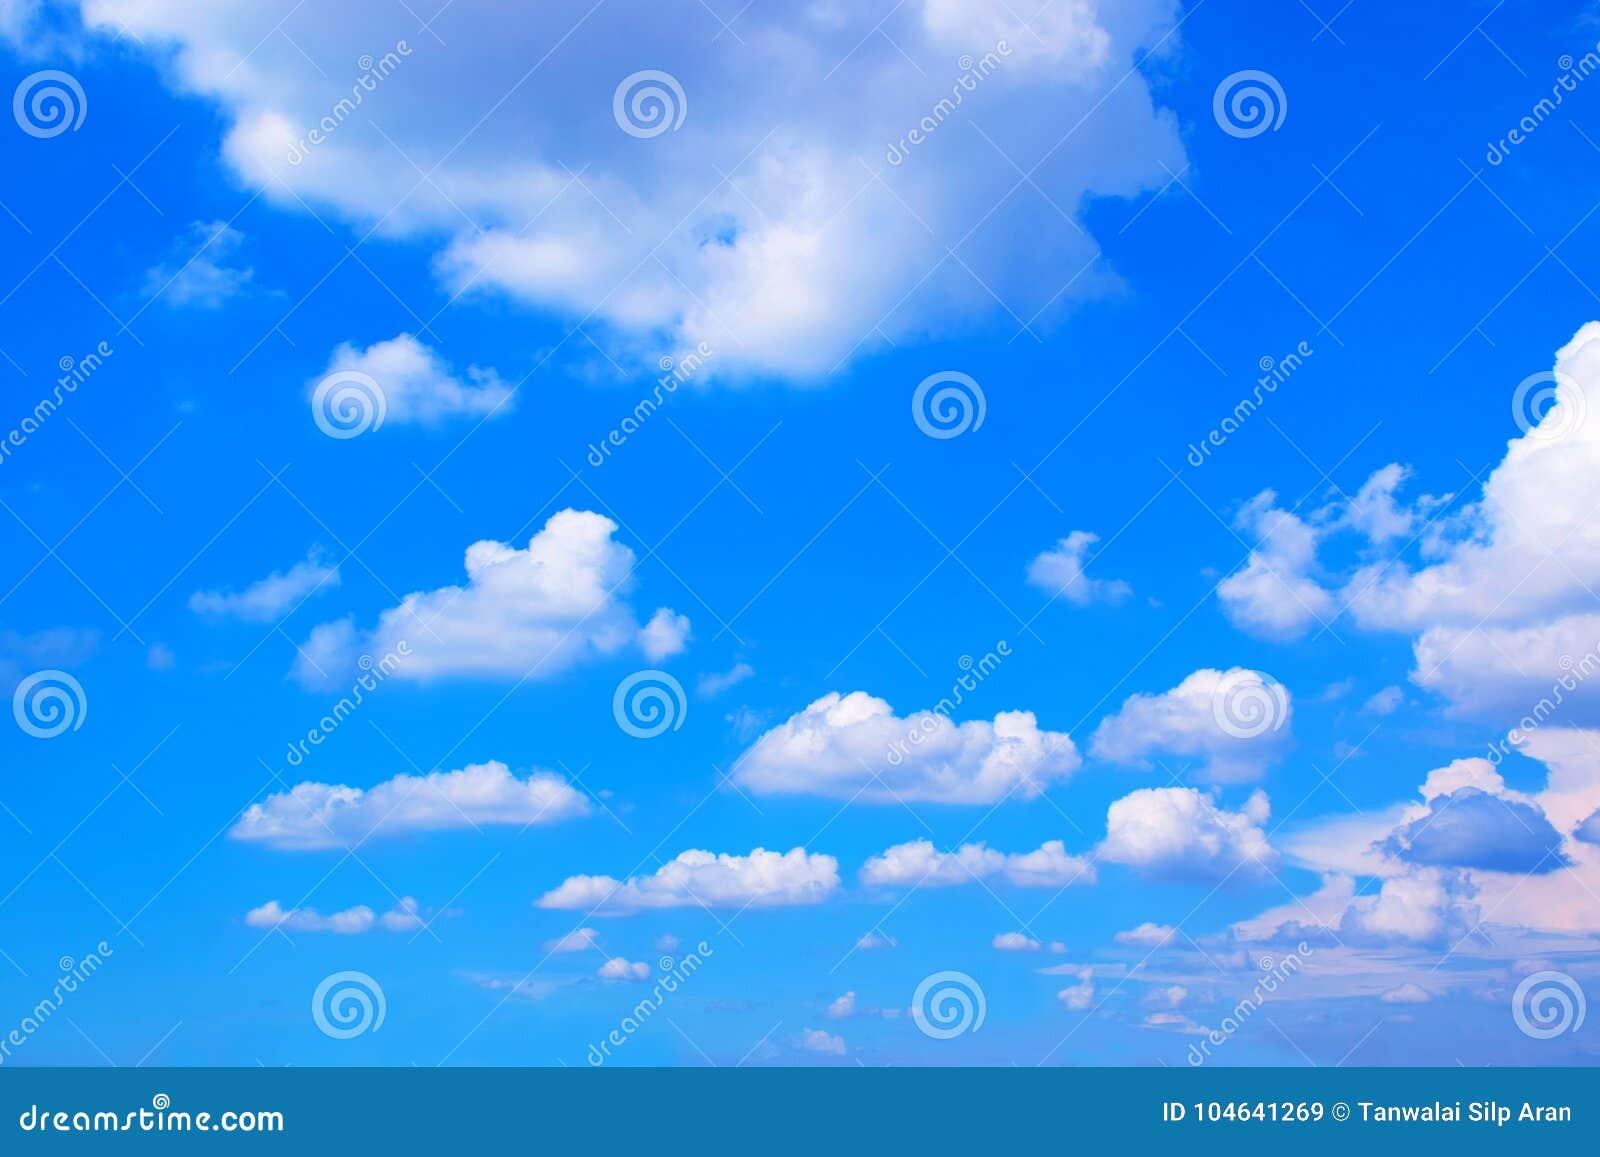 Download Blauwe Hemel Met Wolkenachtergrond 171019 0184 Stock Afbeelding - Afbeelding bestaande uit vrijheid, wolken: 104641269